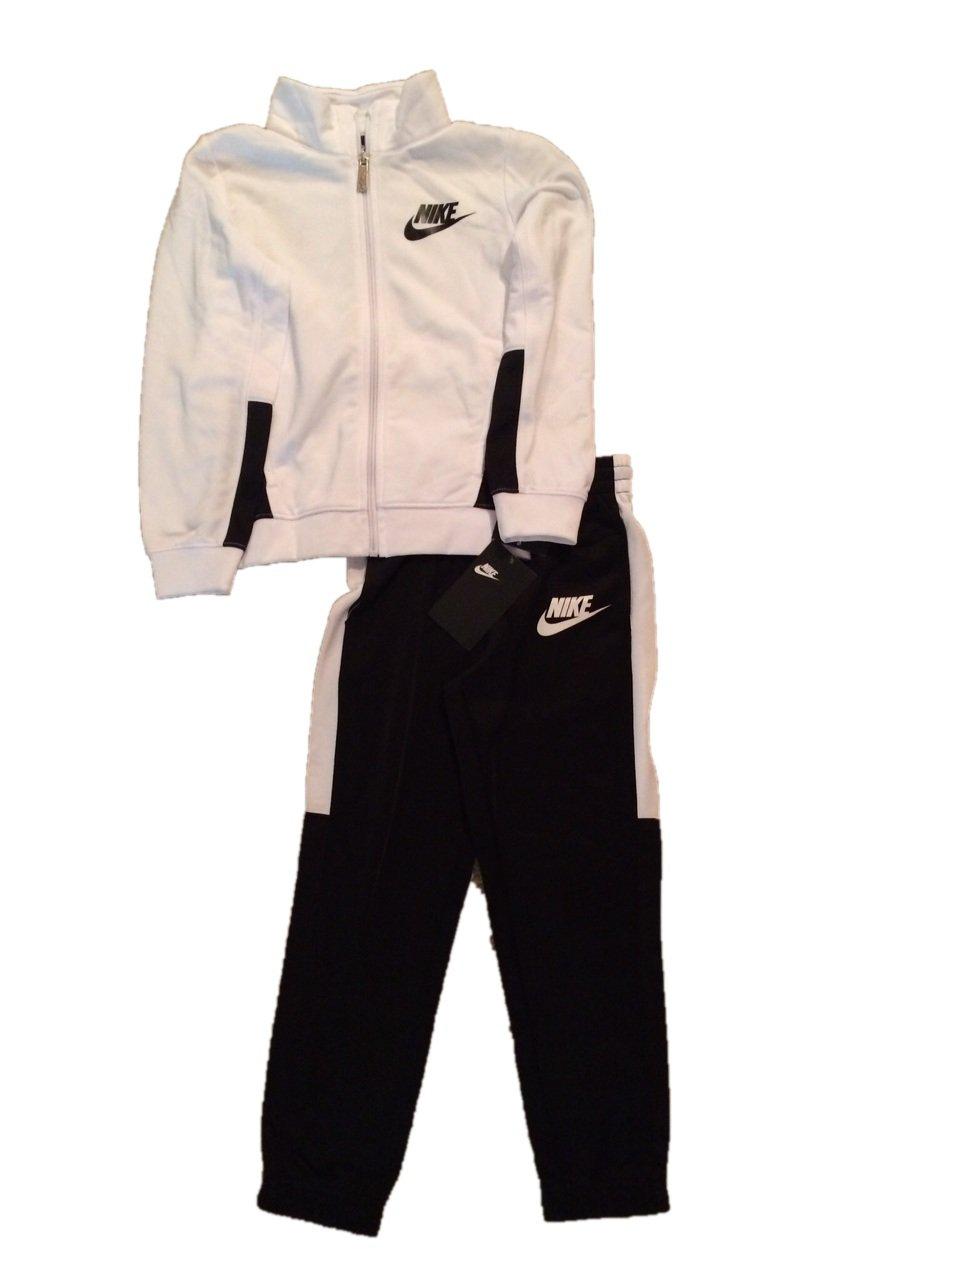 Boys Nike Jacket & Pants Track Suit Set Sweatsuit (7, White Black) by Nike (Image #1)